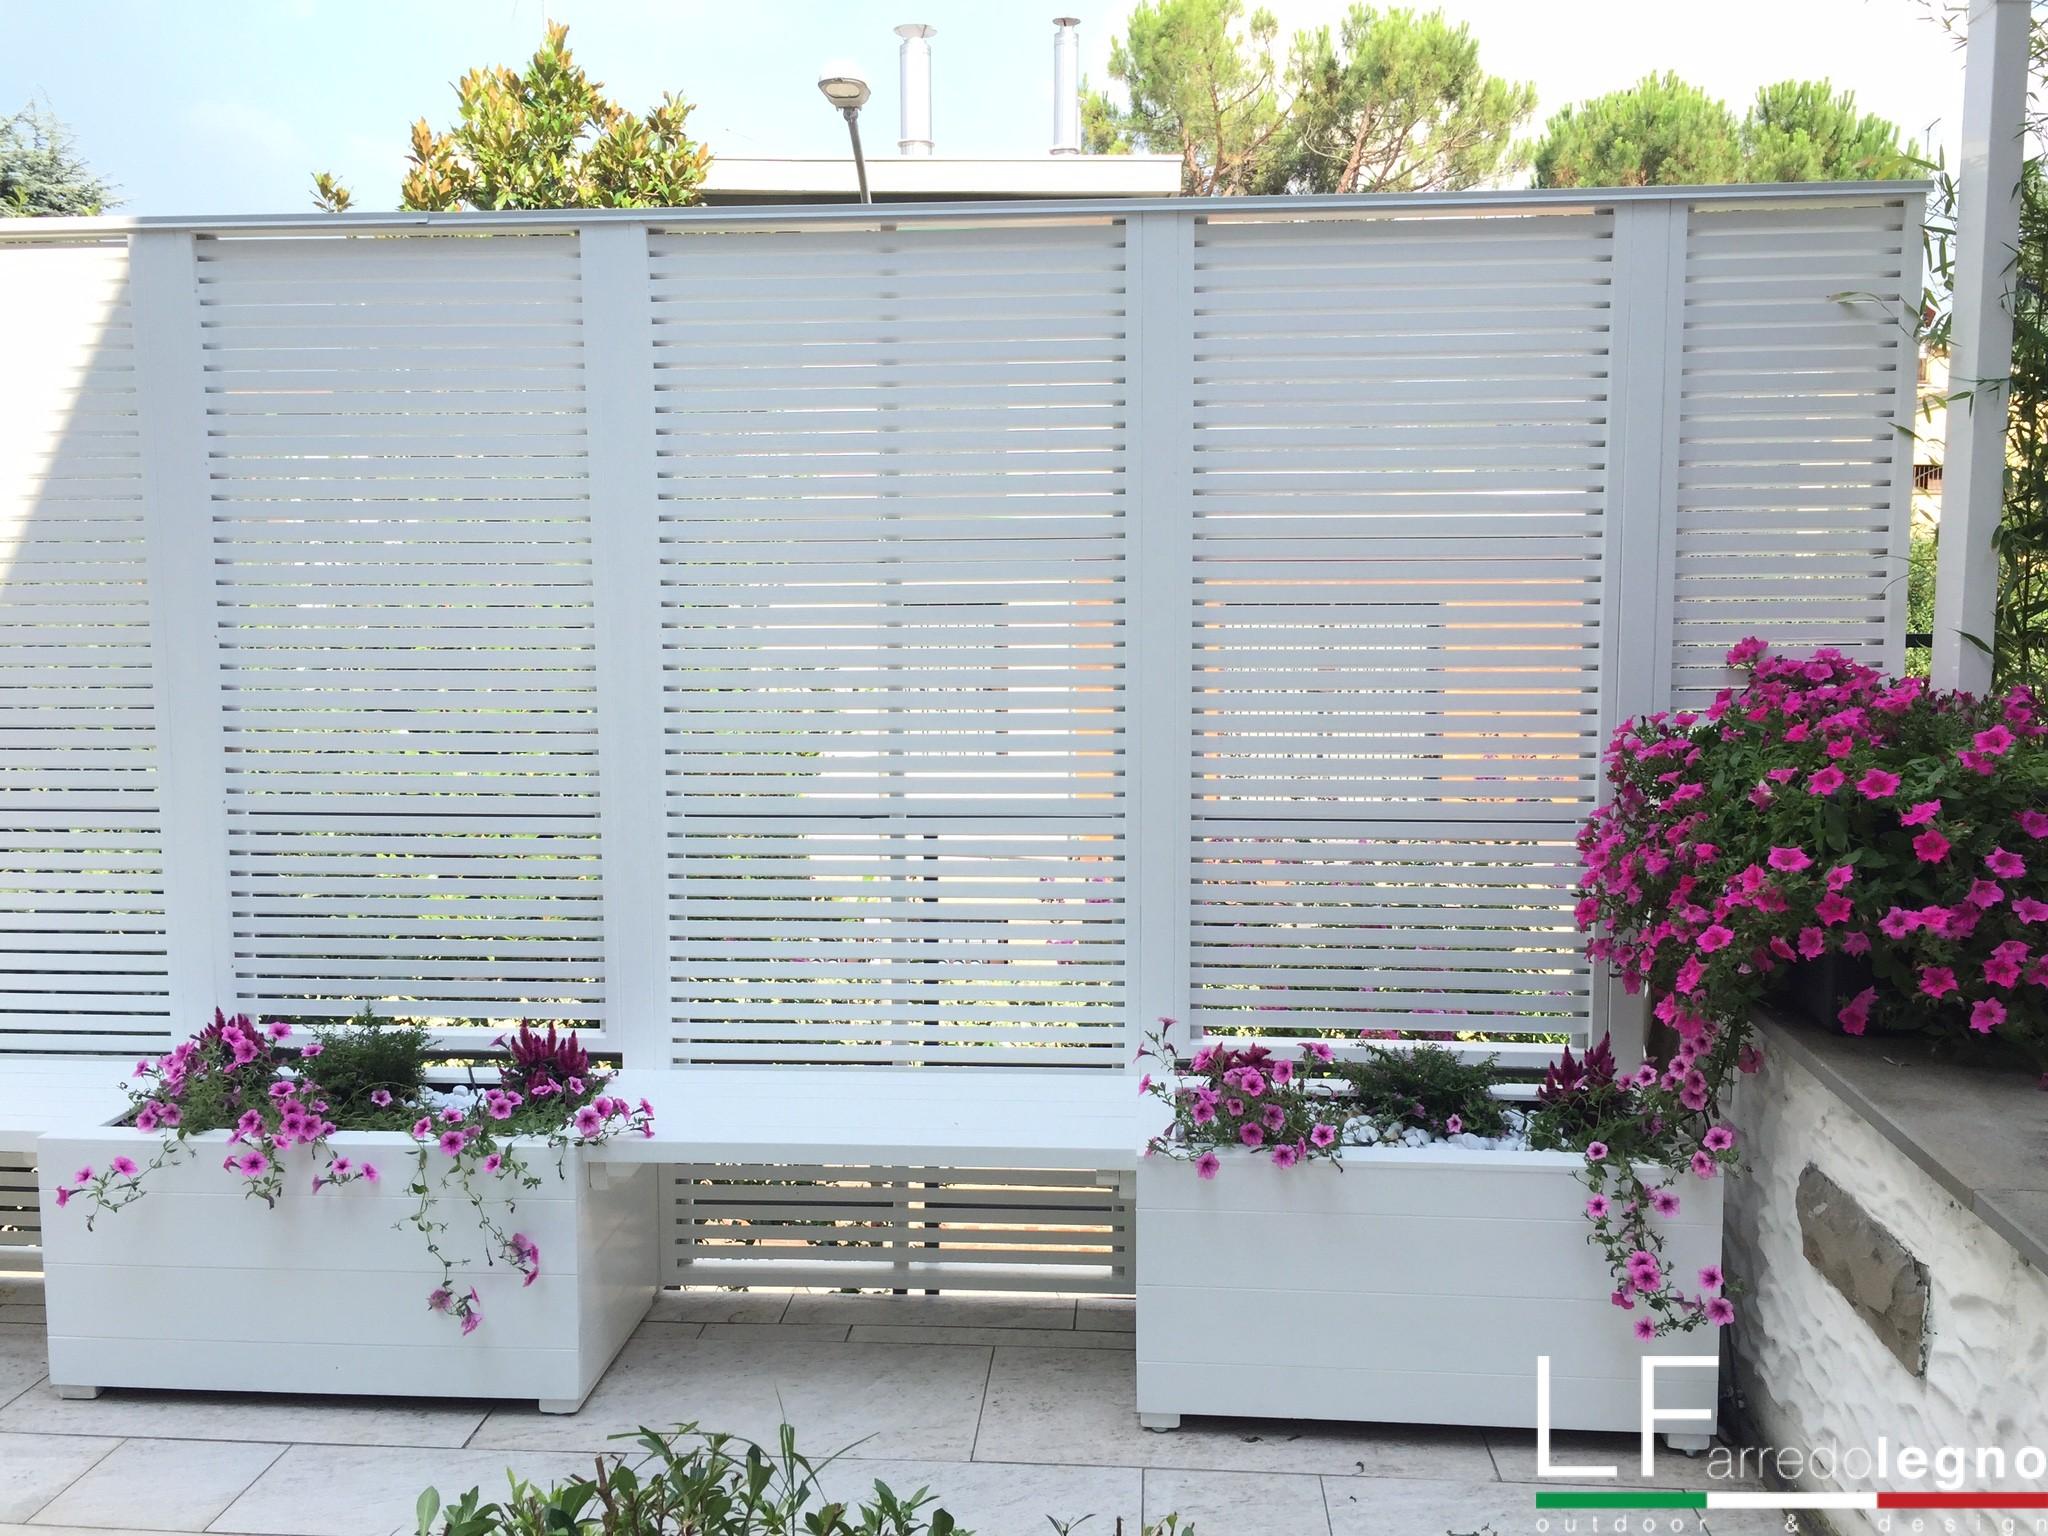 fioriere con sedute e frangivista in legno bianco